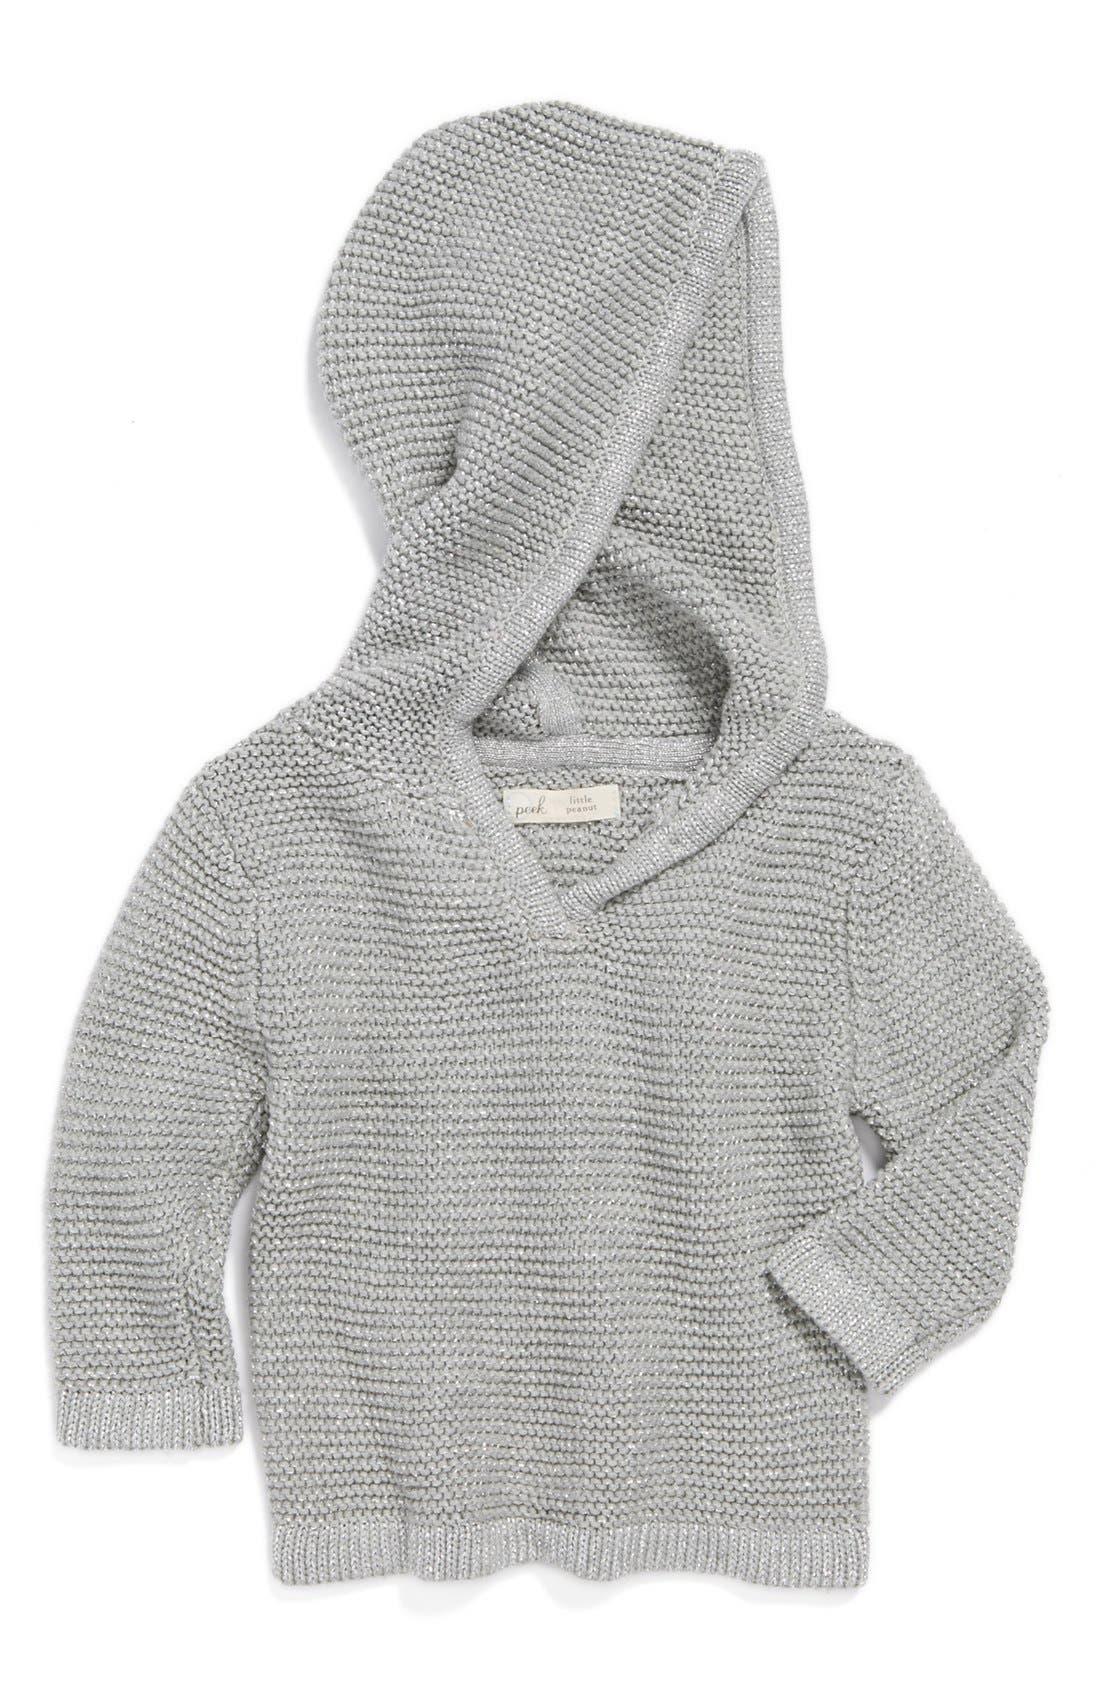 Alternate Image 1 Selected - Peek 'Beca' Hooded Sweater (Baby)